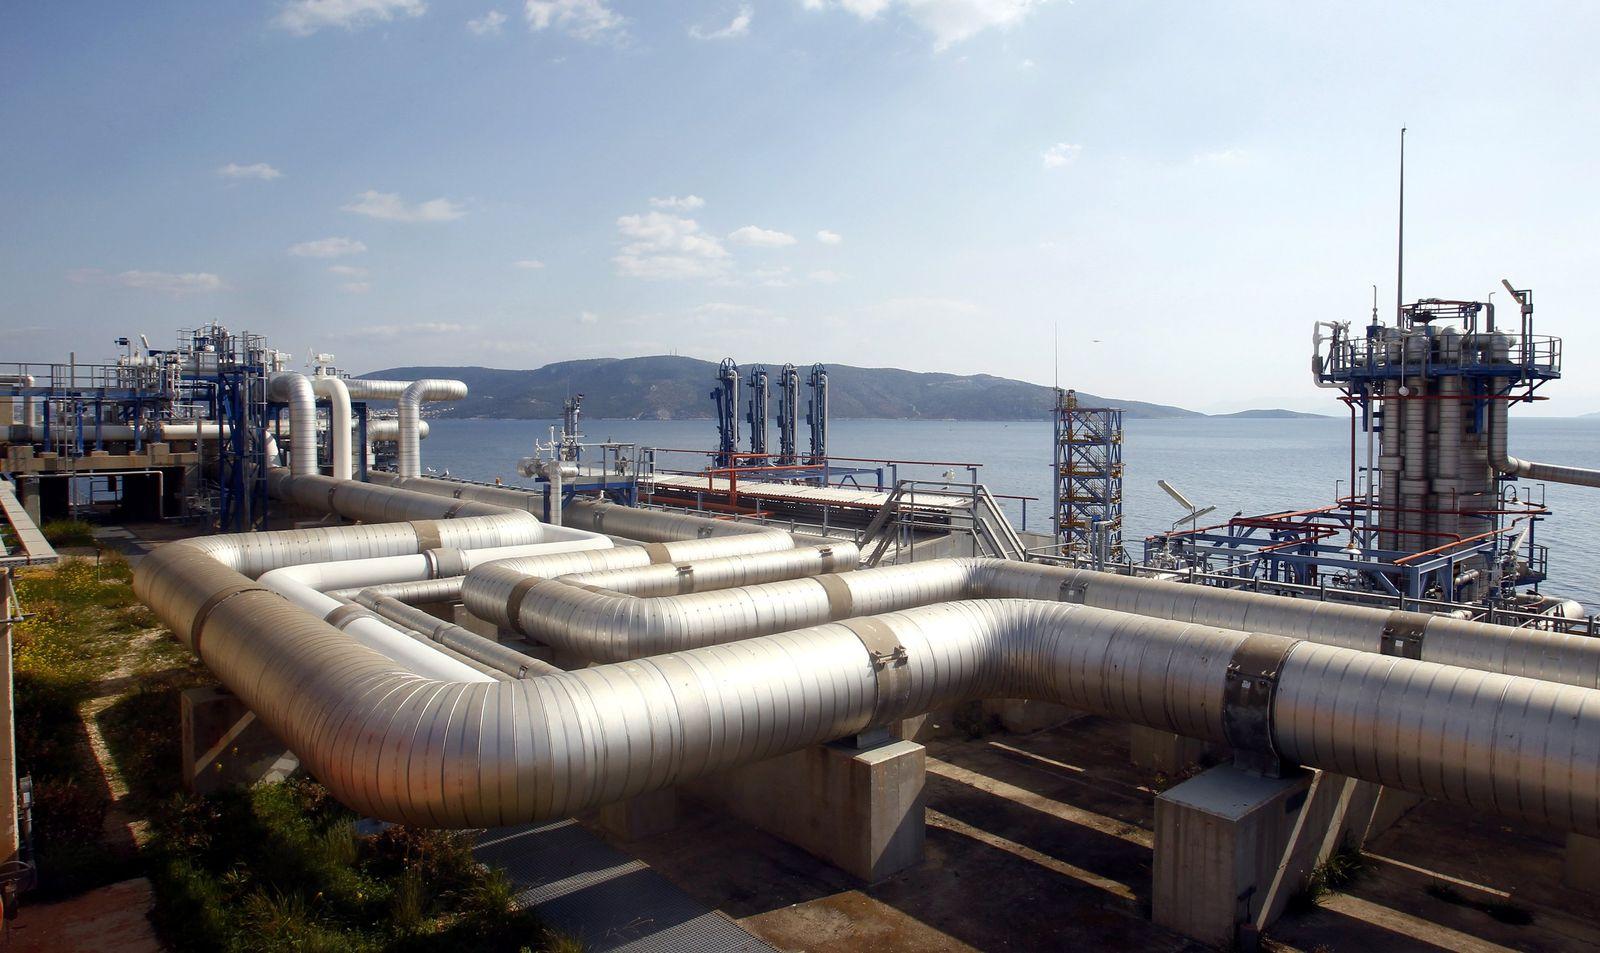 Griechenland / Erdgas / LNG